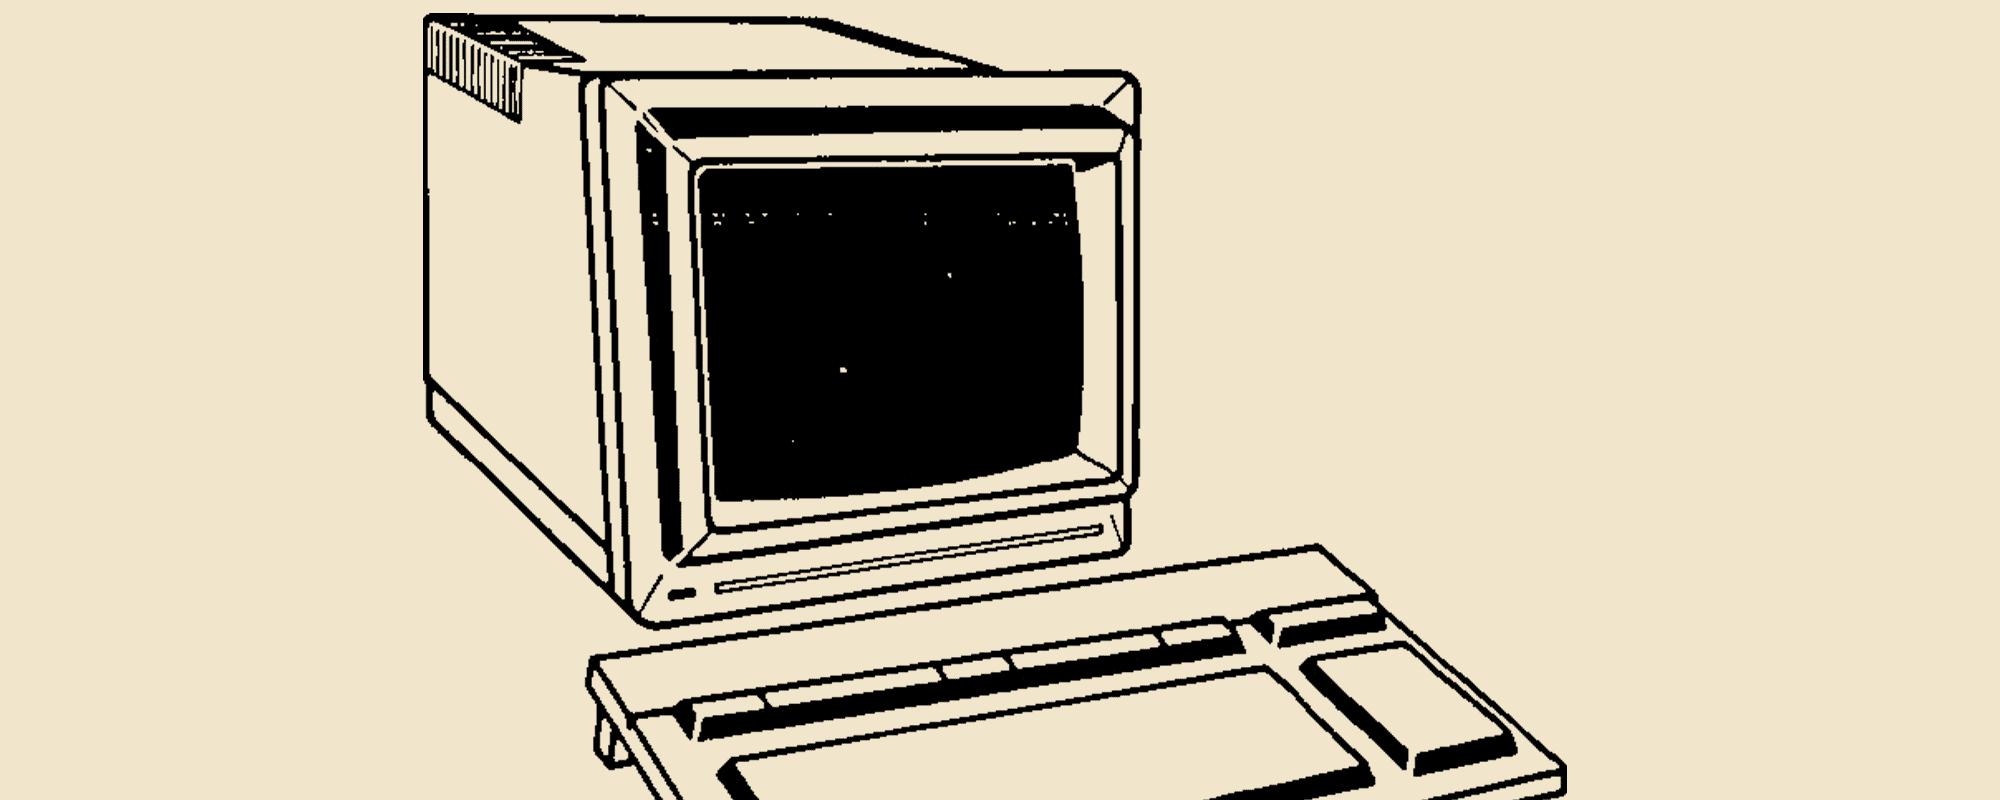 Faire une capture de ce que vous voyez sur votre écran permet aux autres de voir ce que vous avez vu ou de conserver des archives photo de ce qui se passe sur vos appareils.